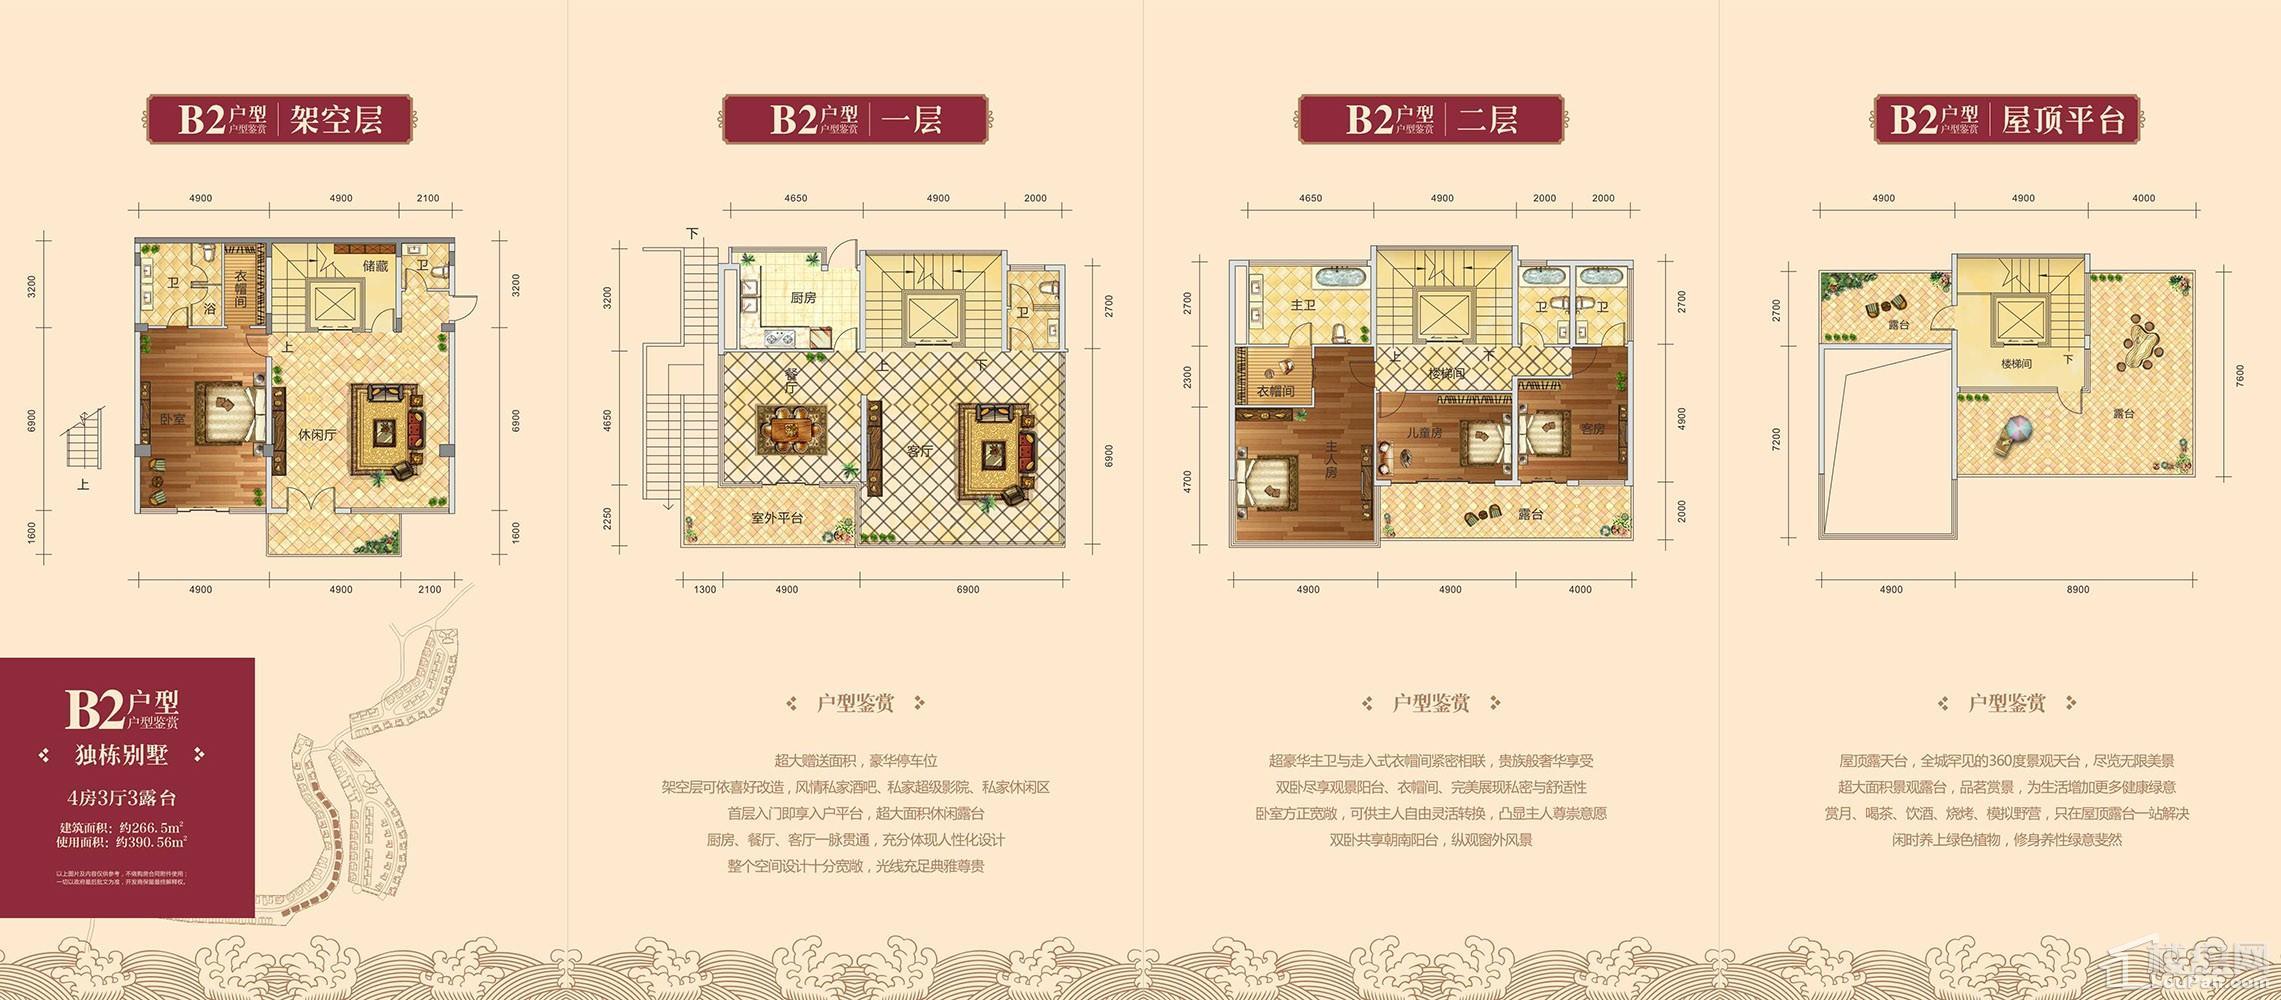 颐和庄园独栋别墅B2户型